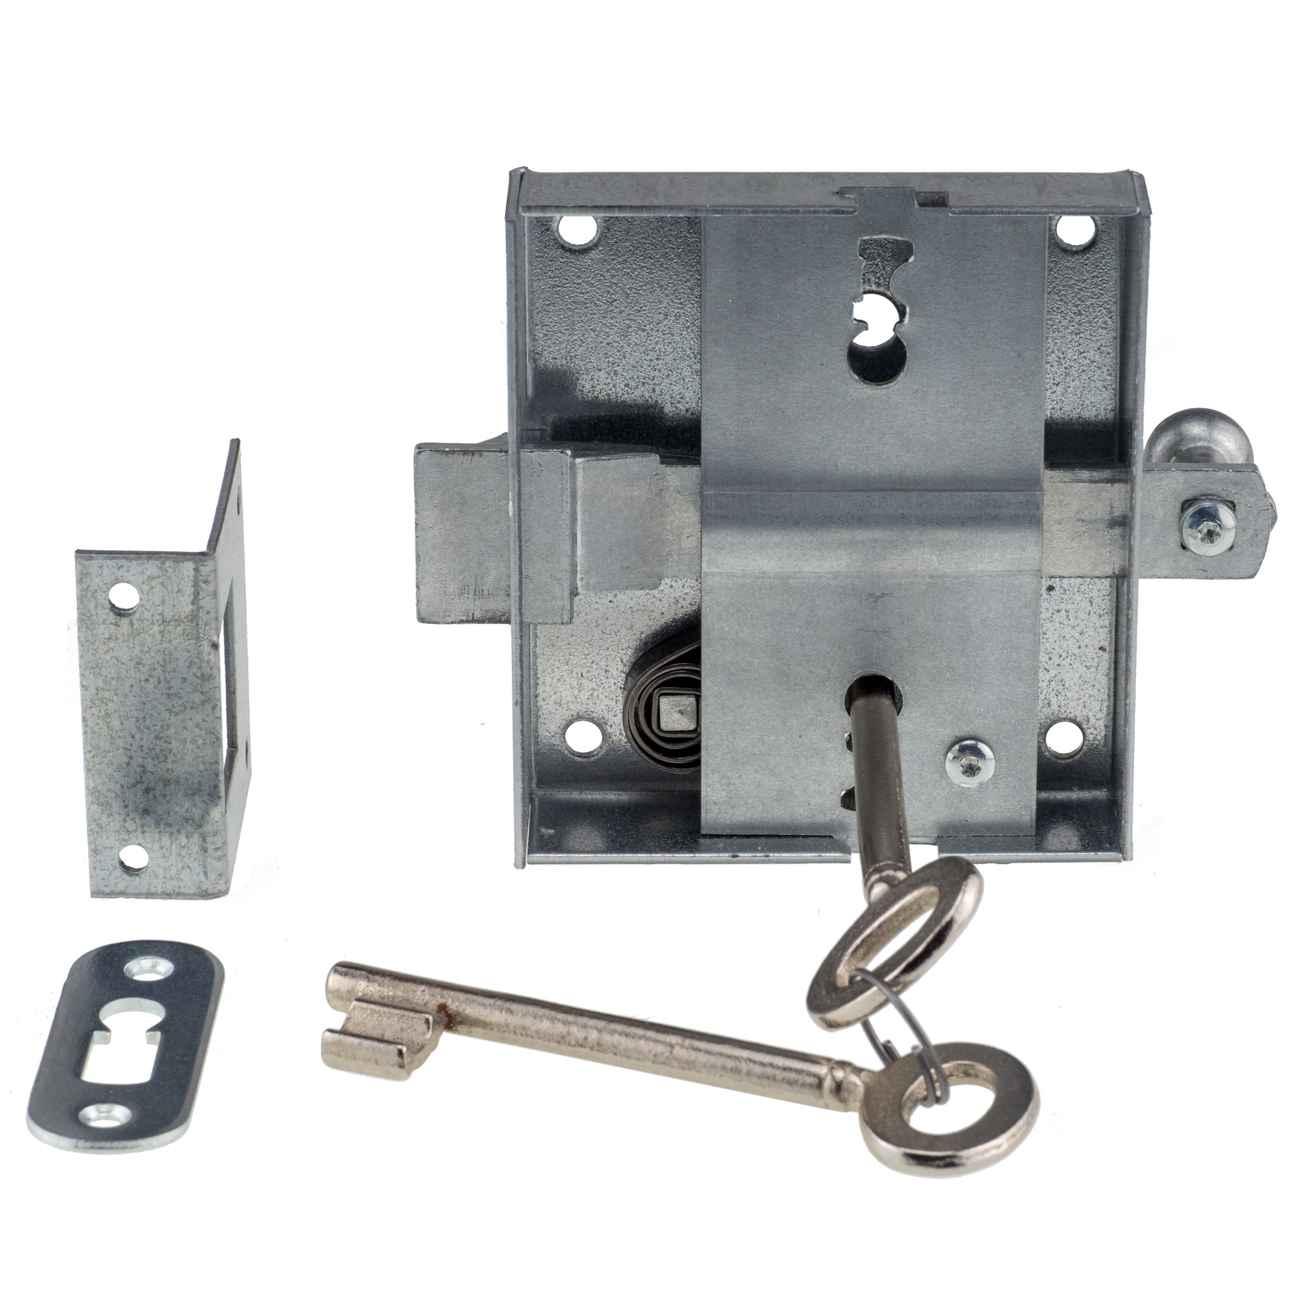 Knopffallenschloss 48 mm Dornmaß 932U - Schnappriegelschloss mit 2 Schlüsseln – Bild 2